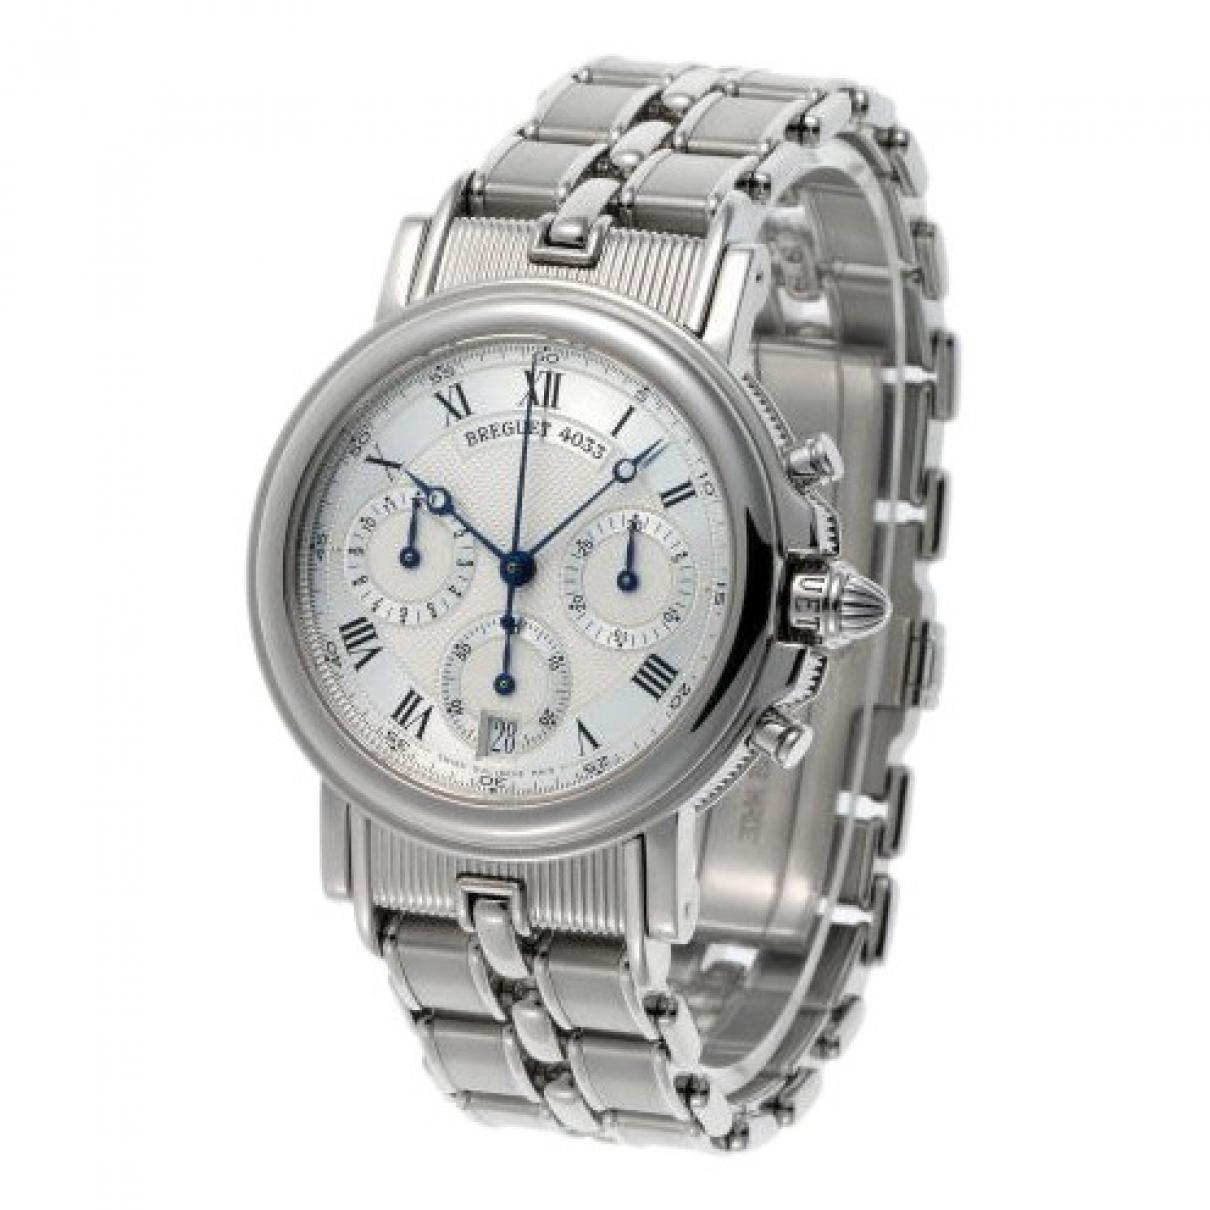 Breguet \N Uhr in  Silber Stahl